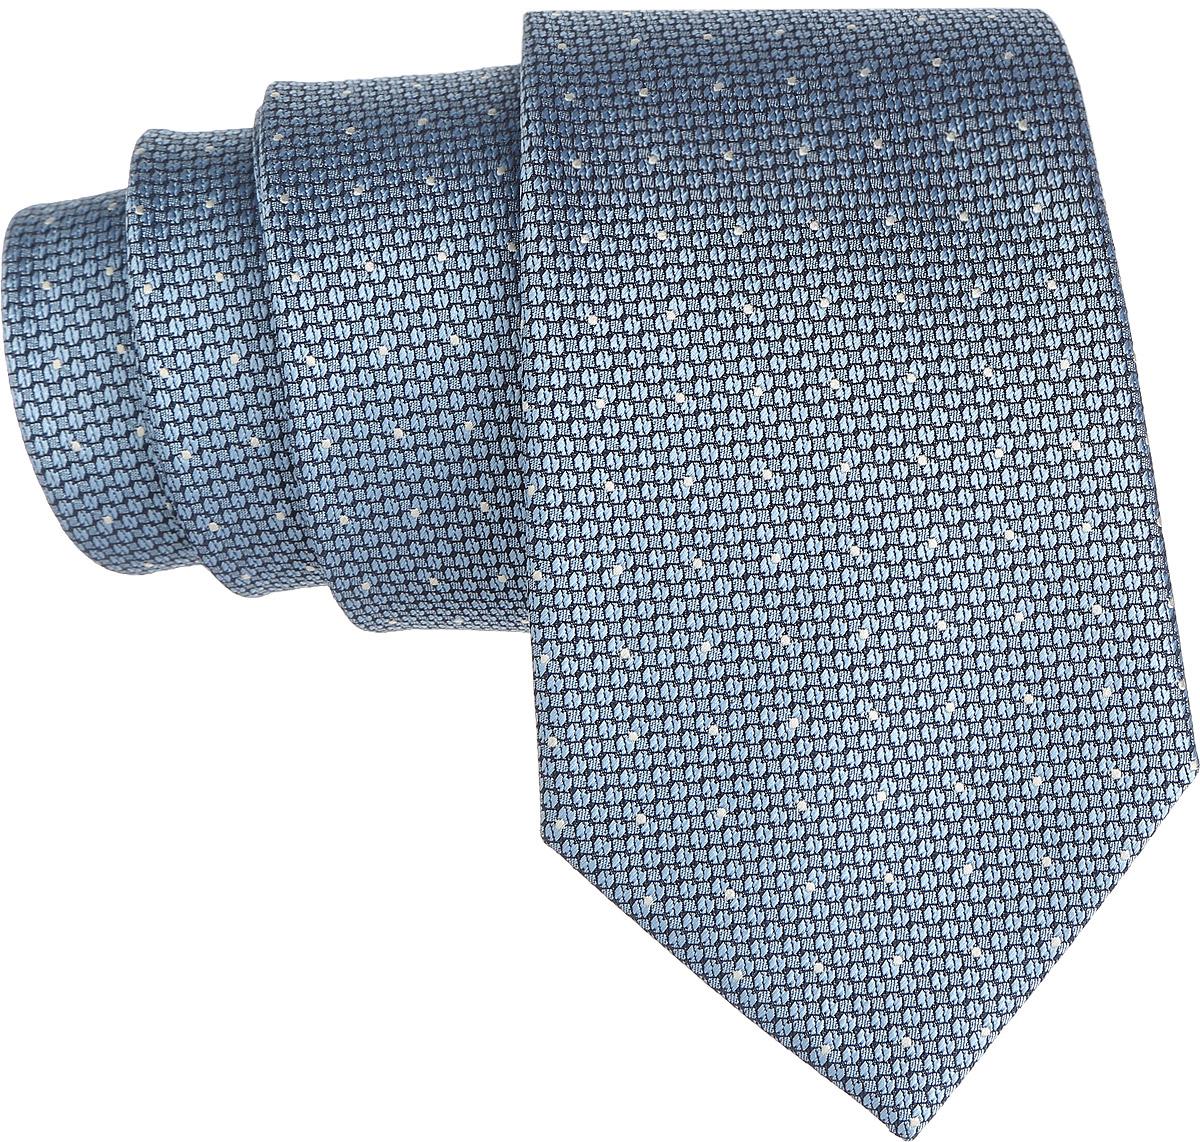 Галстук. 12.01850312.018503Стильный галстук BTC станет отличным завершающим штрихом вашего образа. Этот модный аксессуар порадует вас высоким качеством исполнения и современным дизайном. Изделие полностью выполнено из качественного полиэстера. Галстук оформлен оригинальным принтом. Такой оригинальный галстук подойдет как к повседневному, так и к официальному наряду, он позволит вам подчеркнуть свою индивидуальность и создать свой неповторимый стиль.